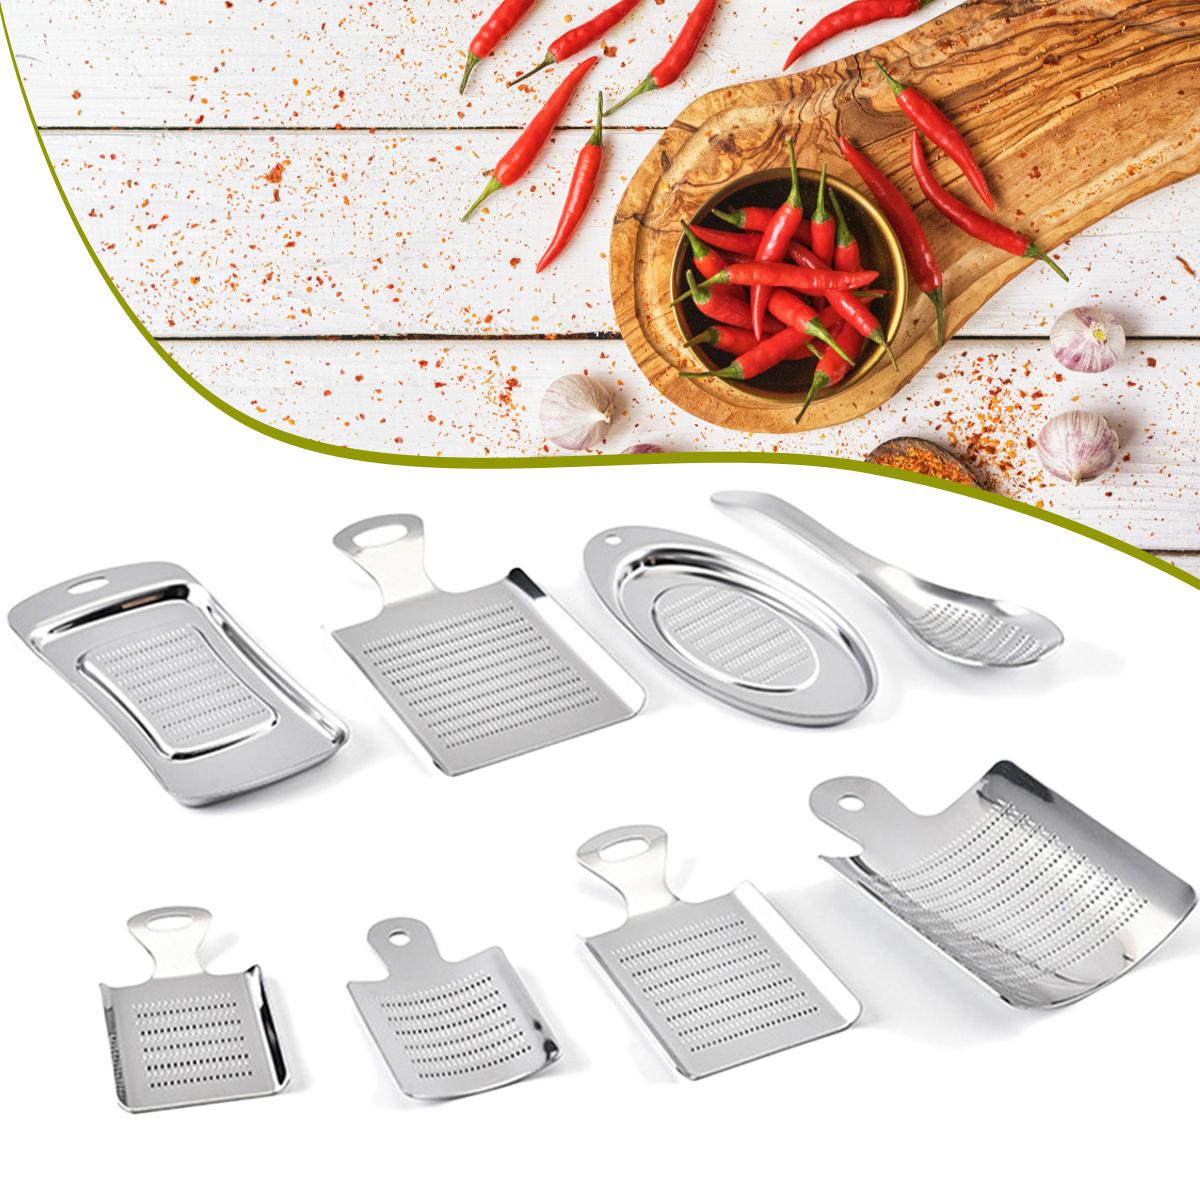 Ручной пресс для чеснока из нержавеющей стали Инструмент На открытом воздухе Кемпинг Приготовление блюд для барбекю